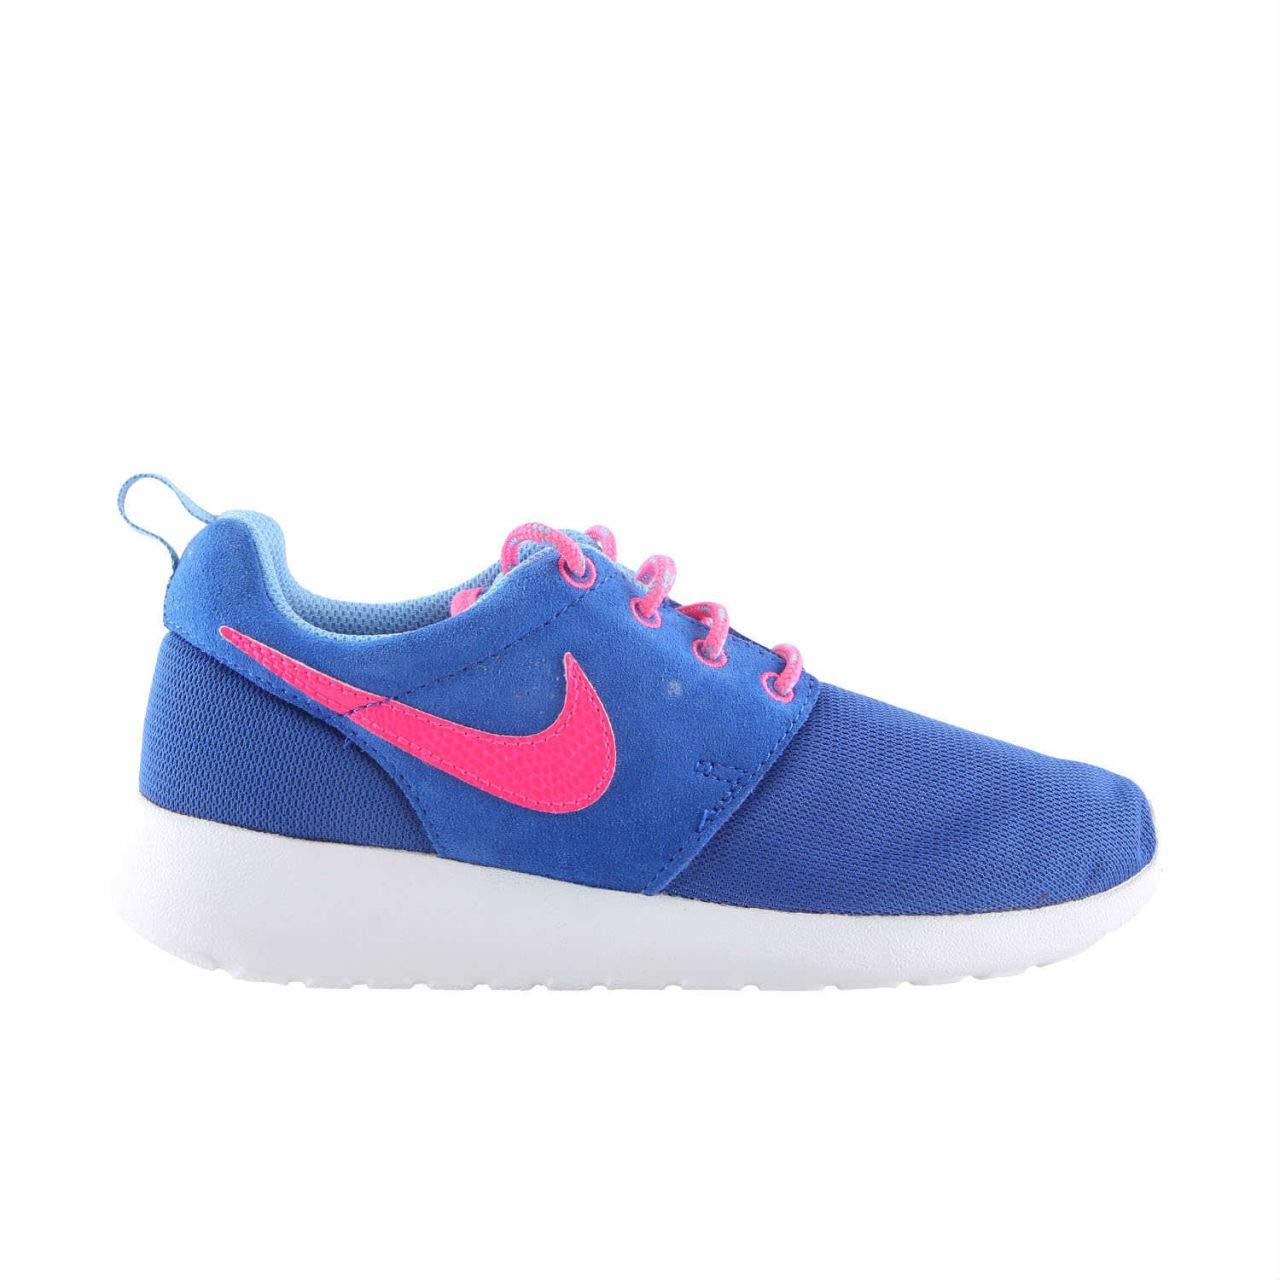 online retailer 4dc20 96bad Nike Roshe Run (GS) Kids Shoes (2 Little Kid M)